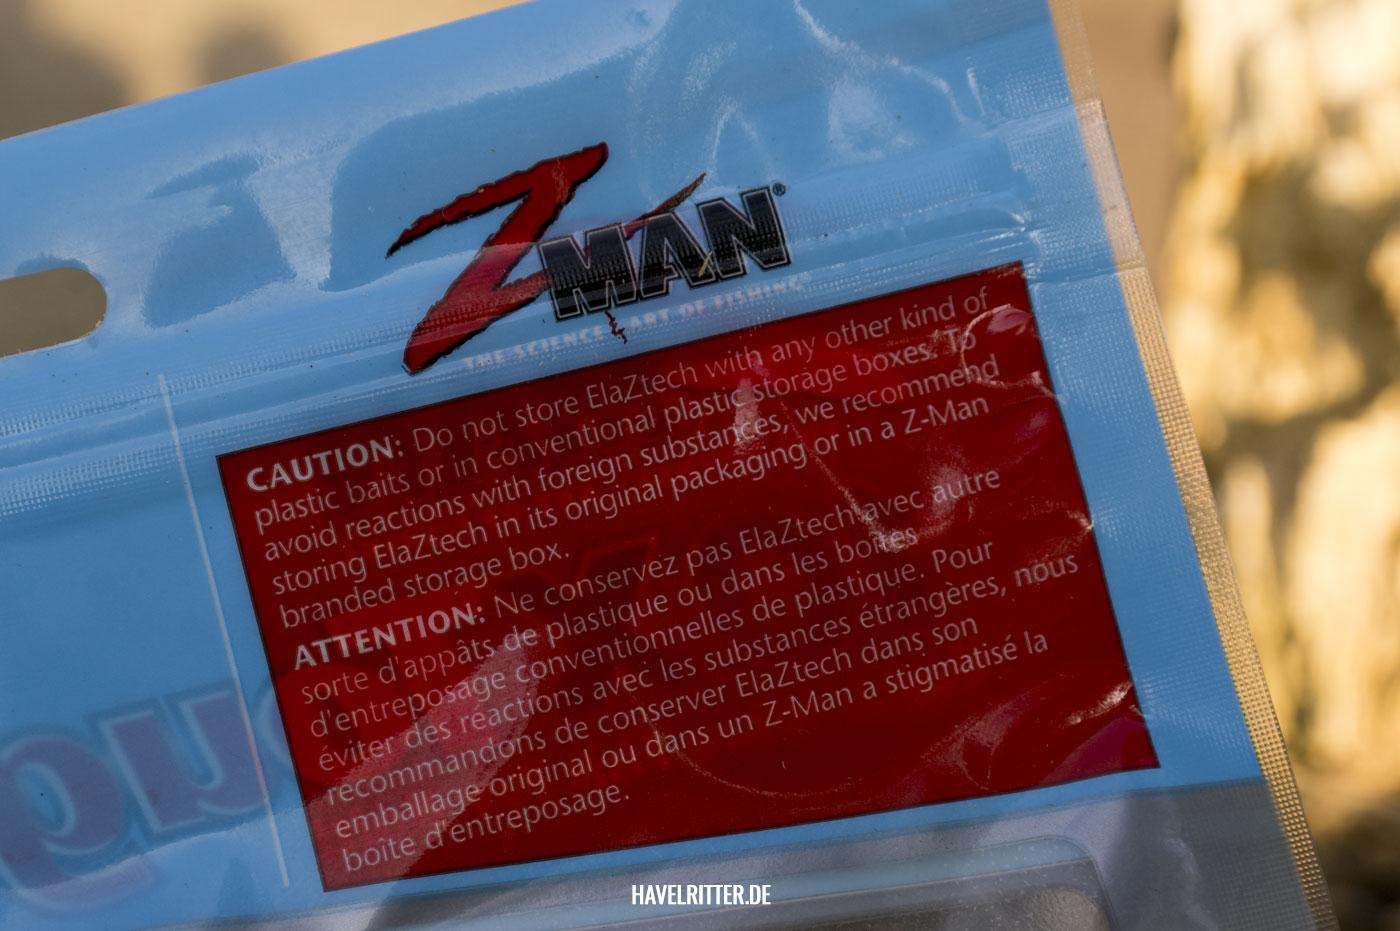 Z-Man Gummiköder aus ElaZtech - Sicherheitshinweis zur richtigen Lagerung